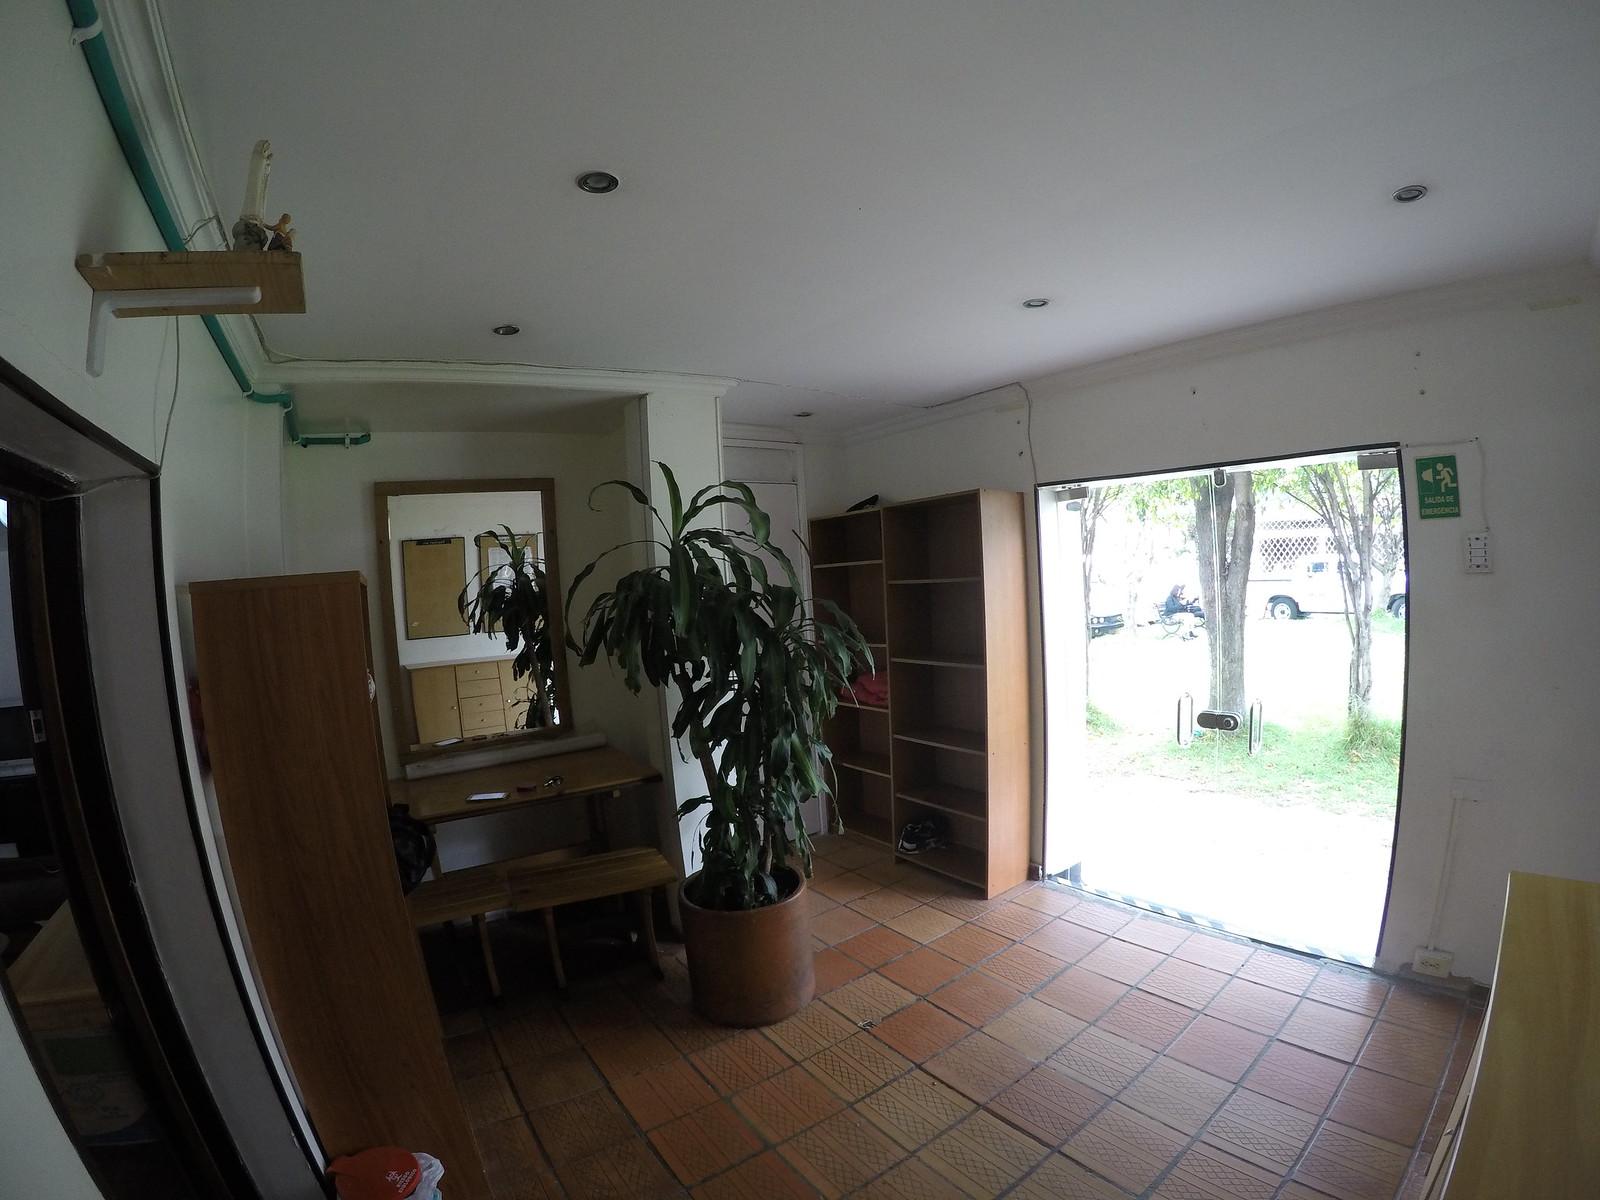 Espacio para alquilar - Vestier 1er piso - Area: 3.5×3.5 mts